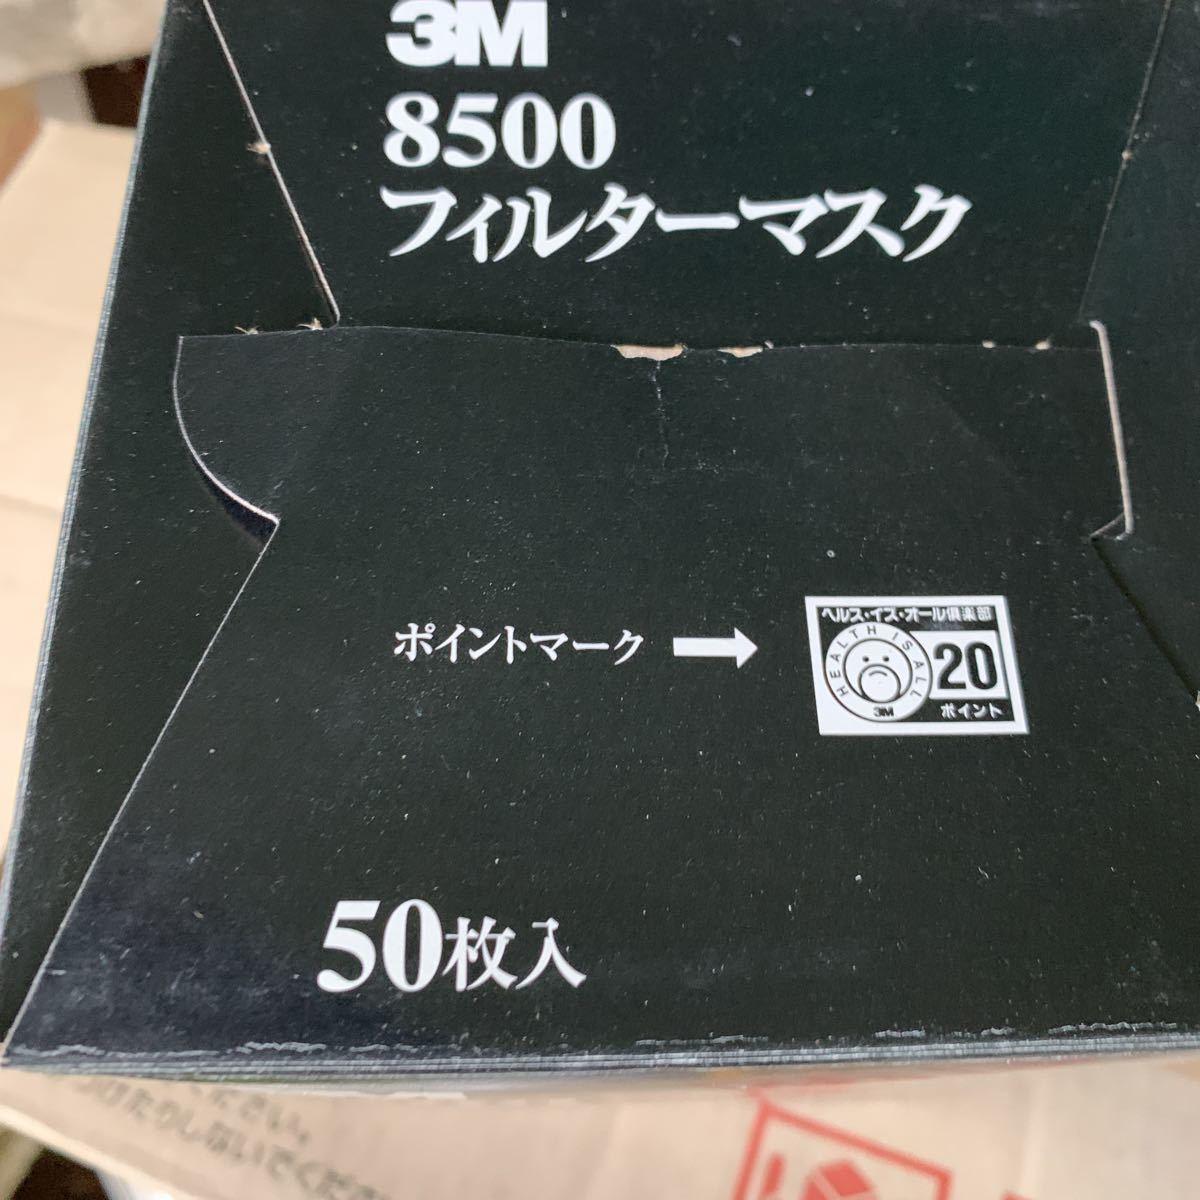 防塵マスク 3M8500フィルターマスク 50枚入り_画像4